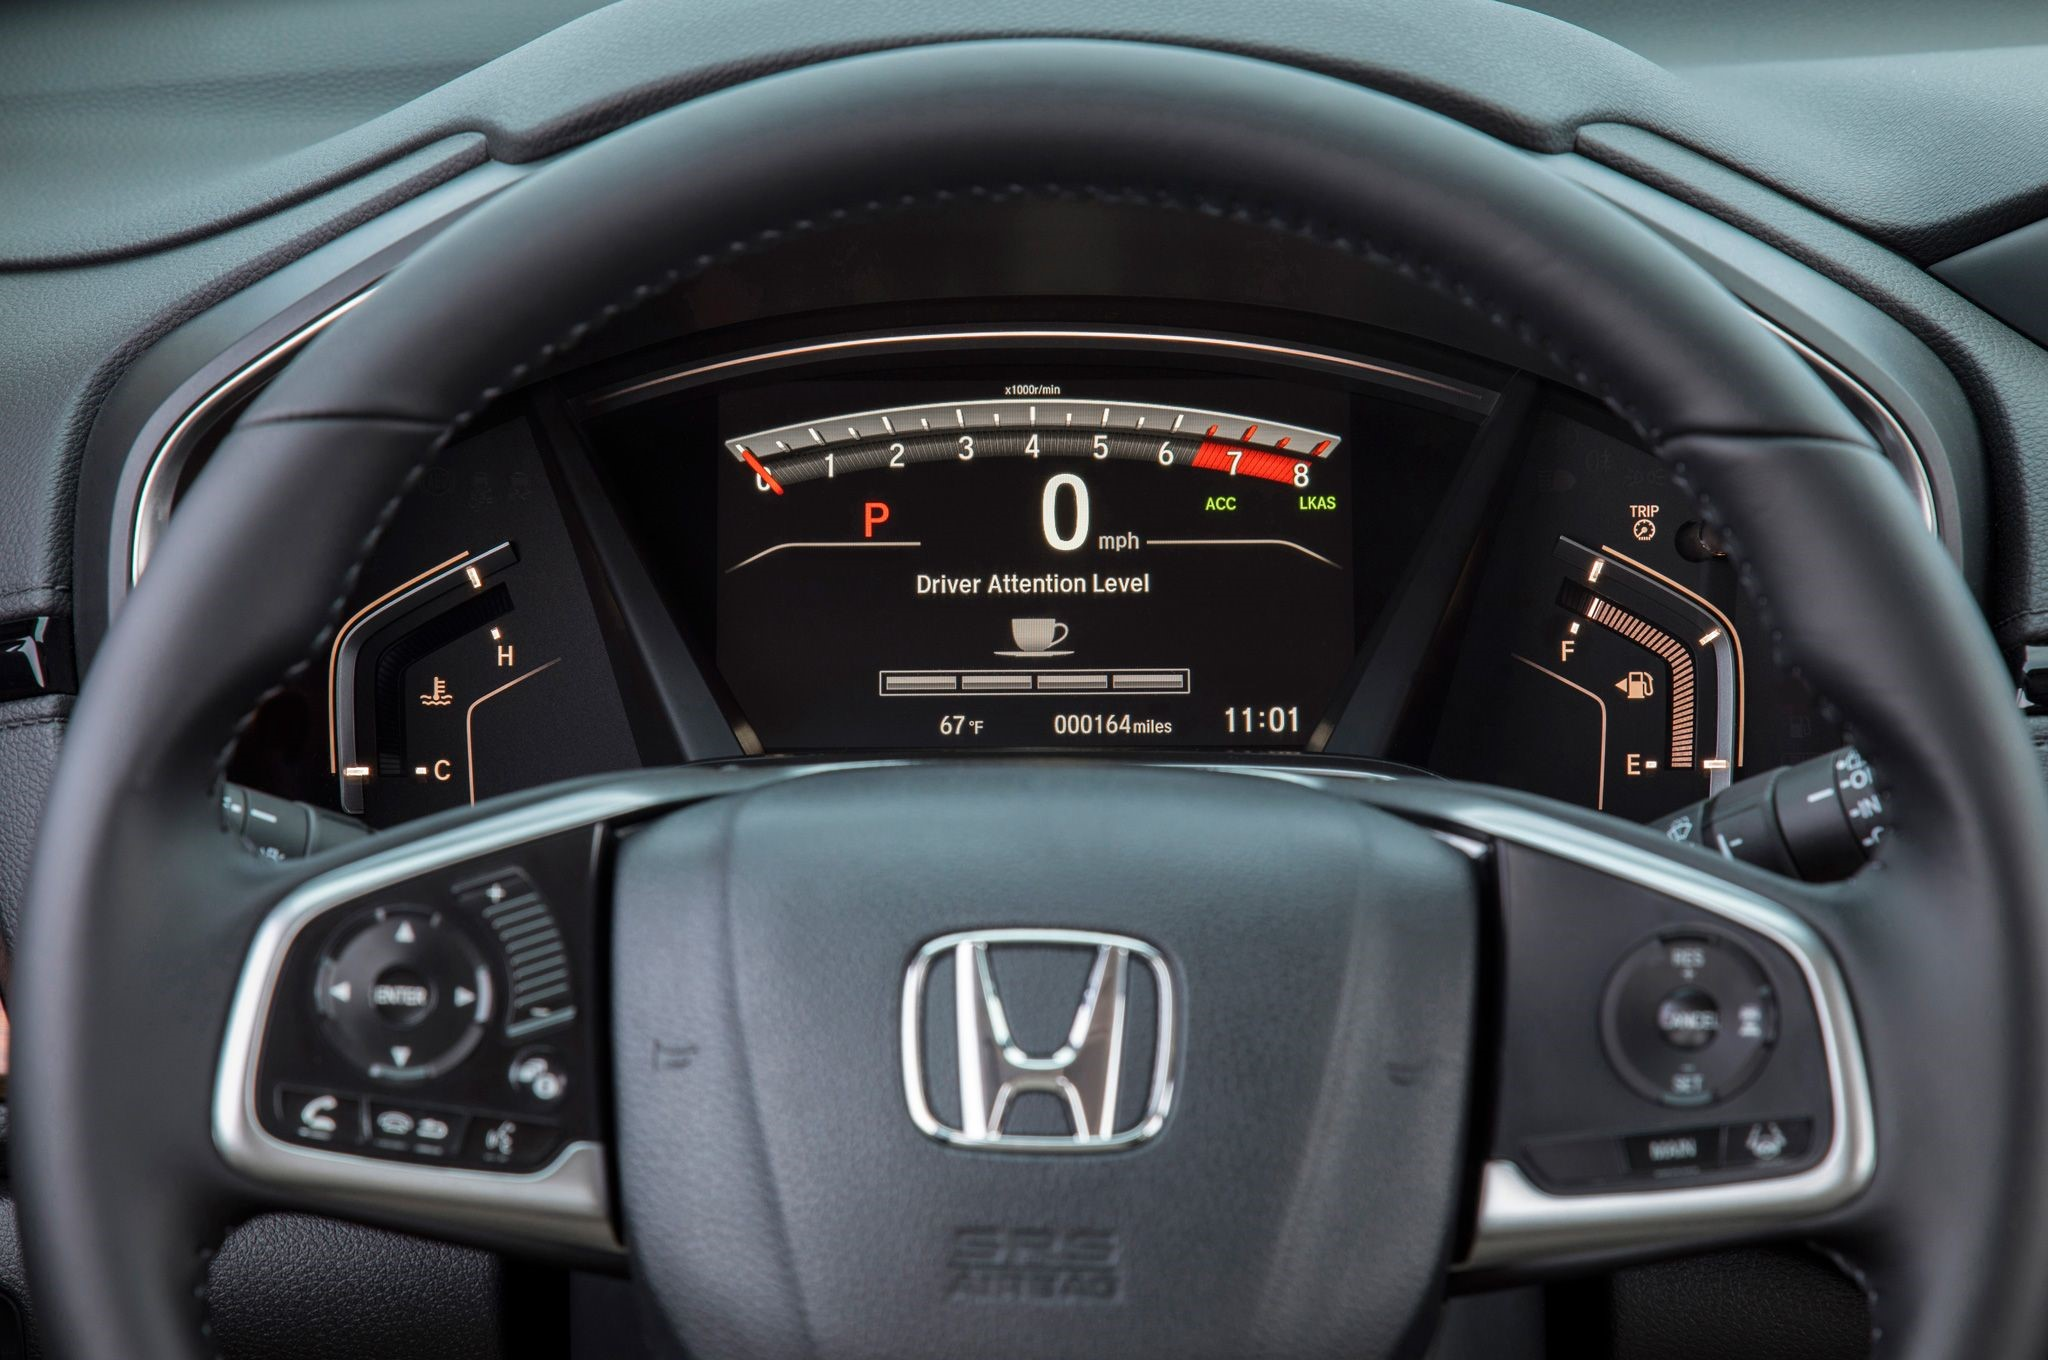 С данными по работе машины водитель может ознакомиться на специальном дисплее